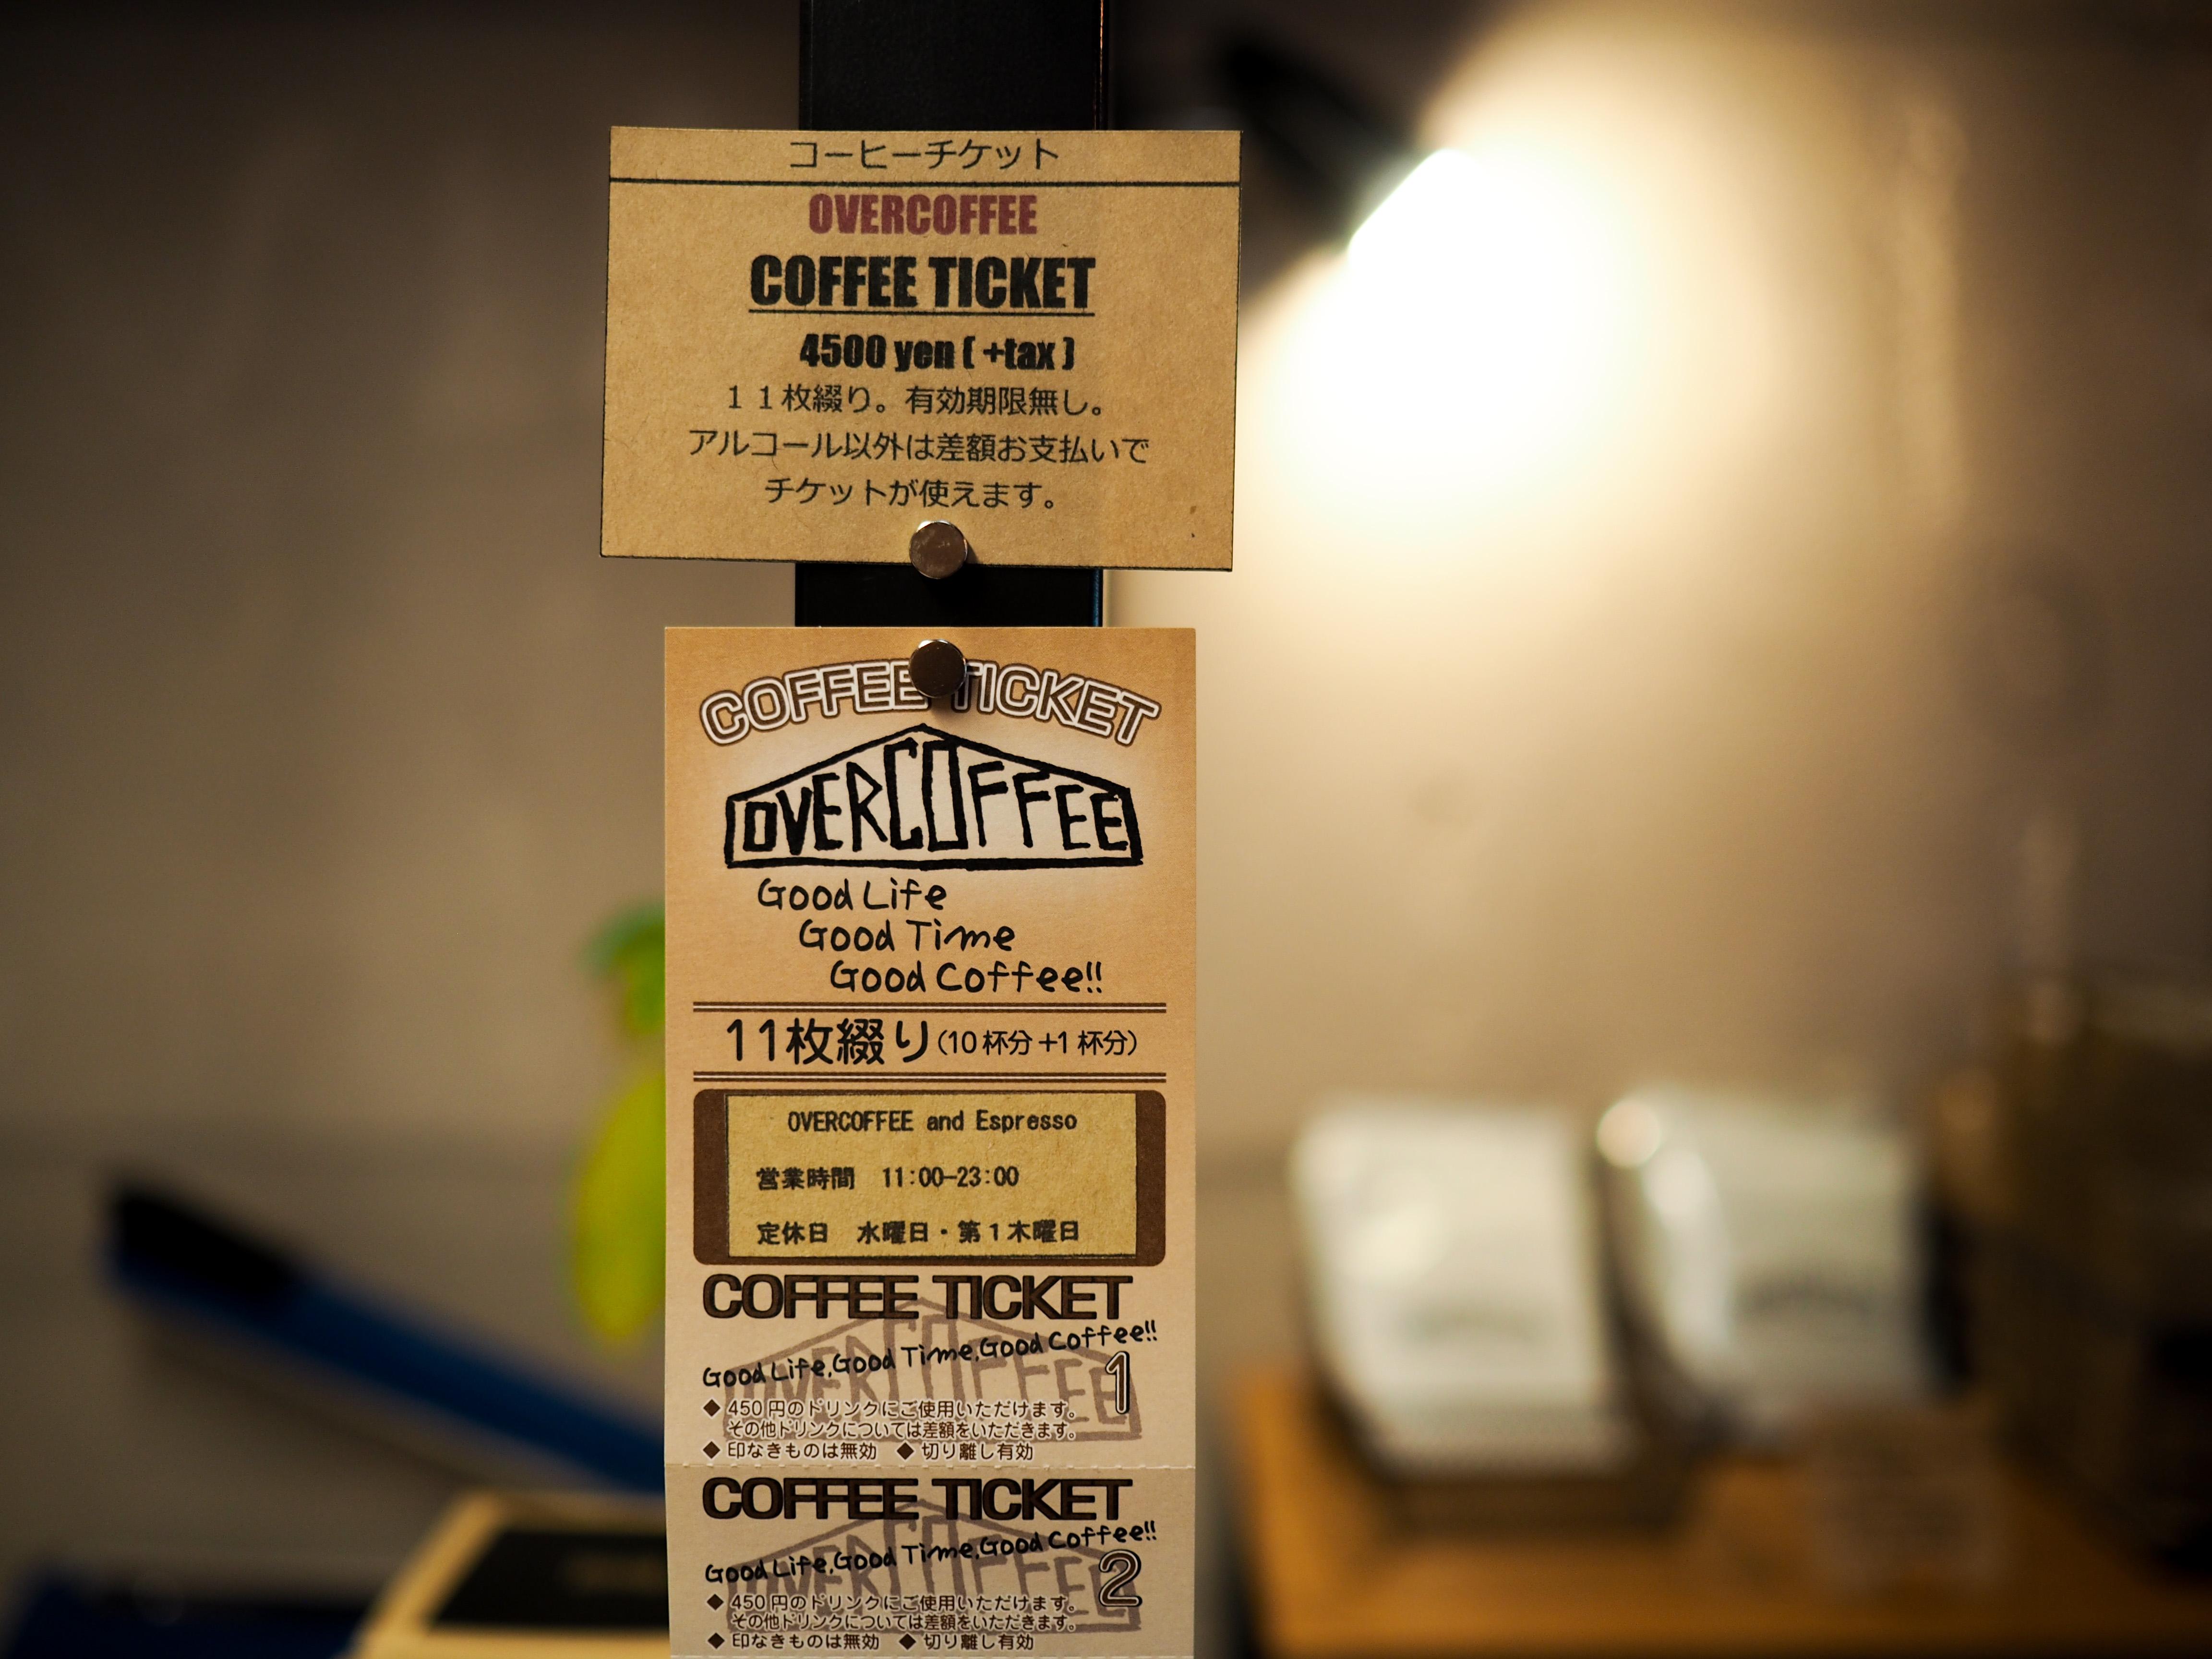 金山の隠れ家コーヒースタンド「OVERCOFFEE and Espresso」で心安らぐひと時を - overcoffee5